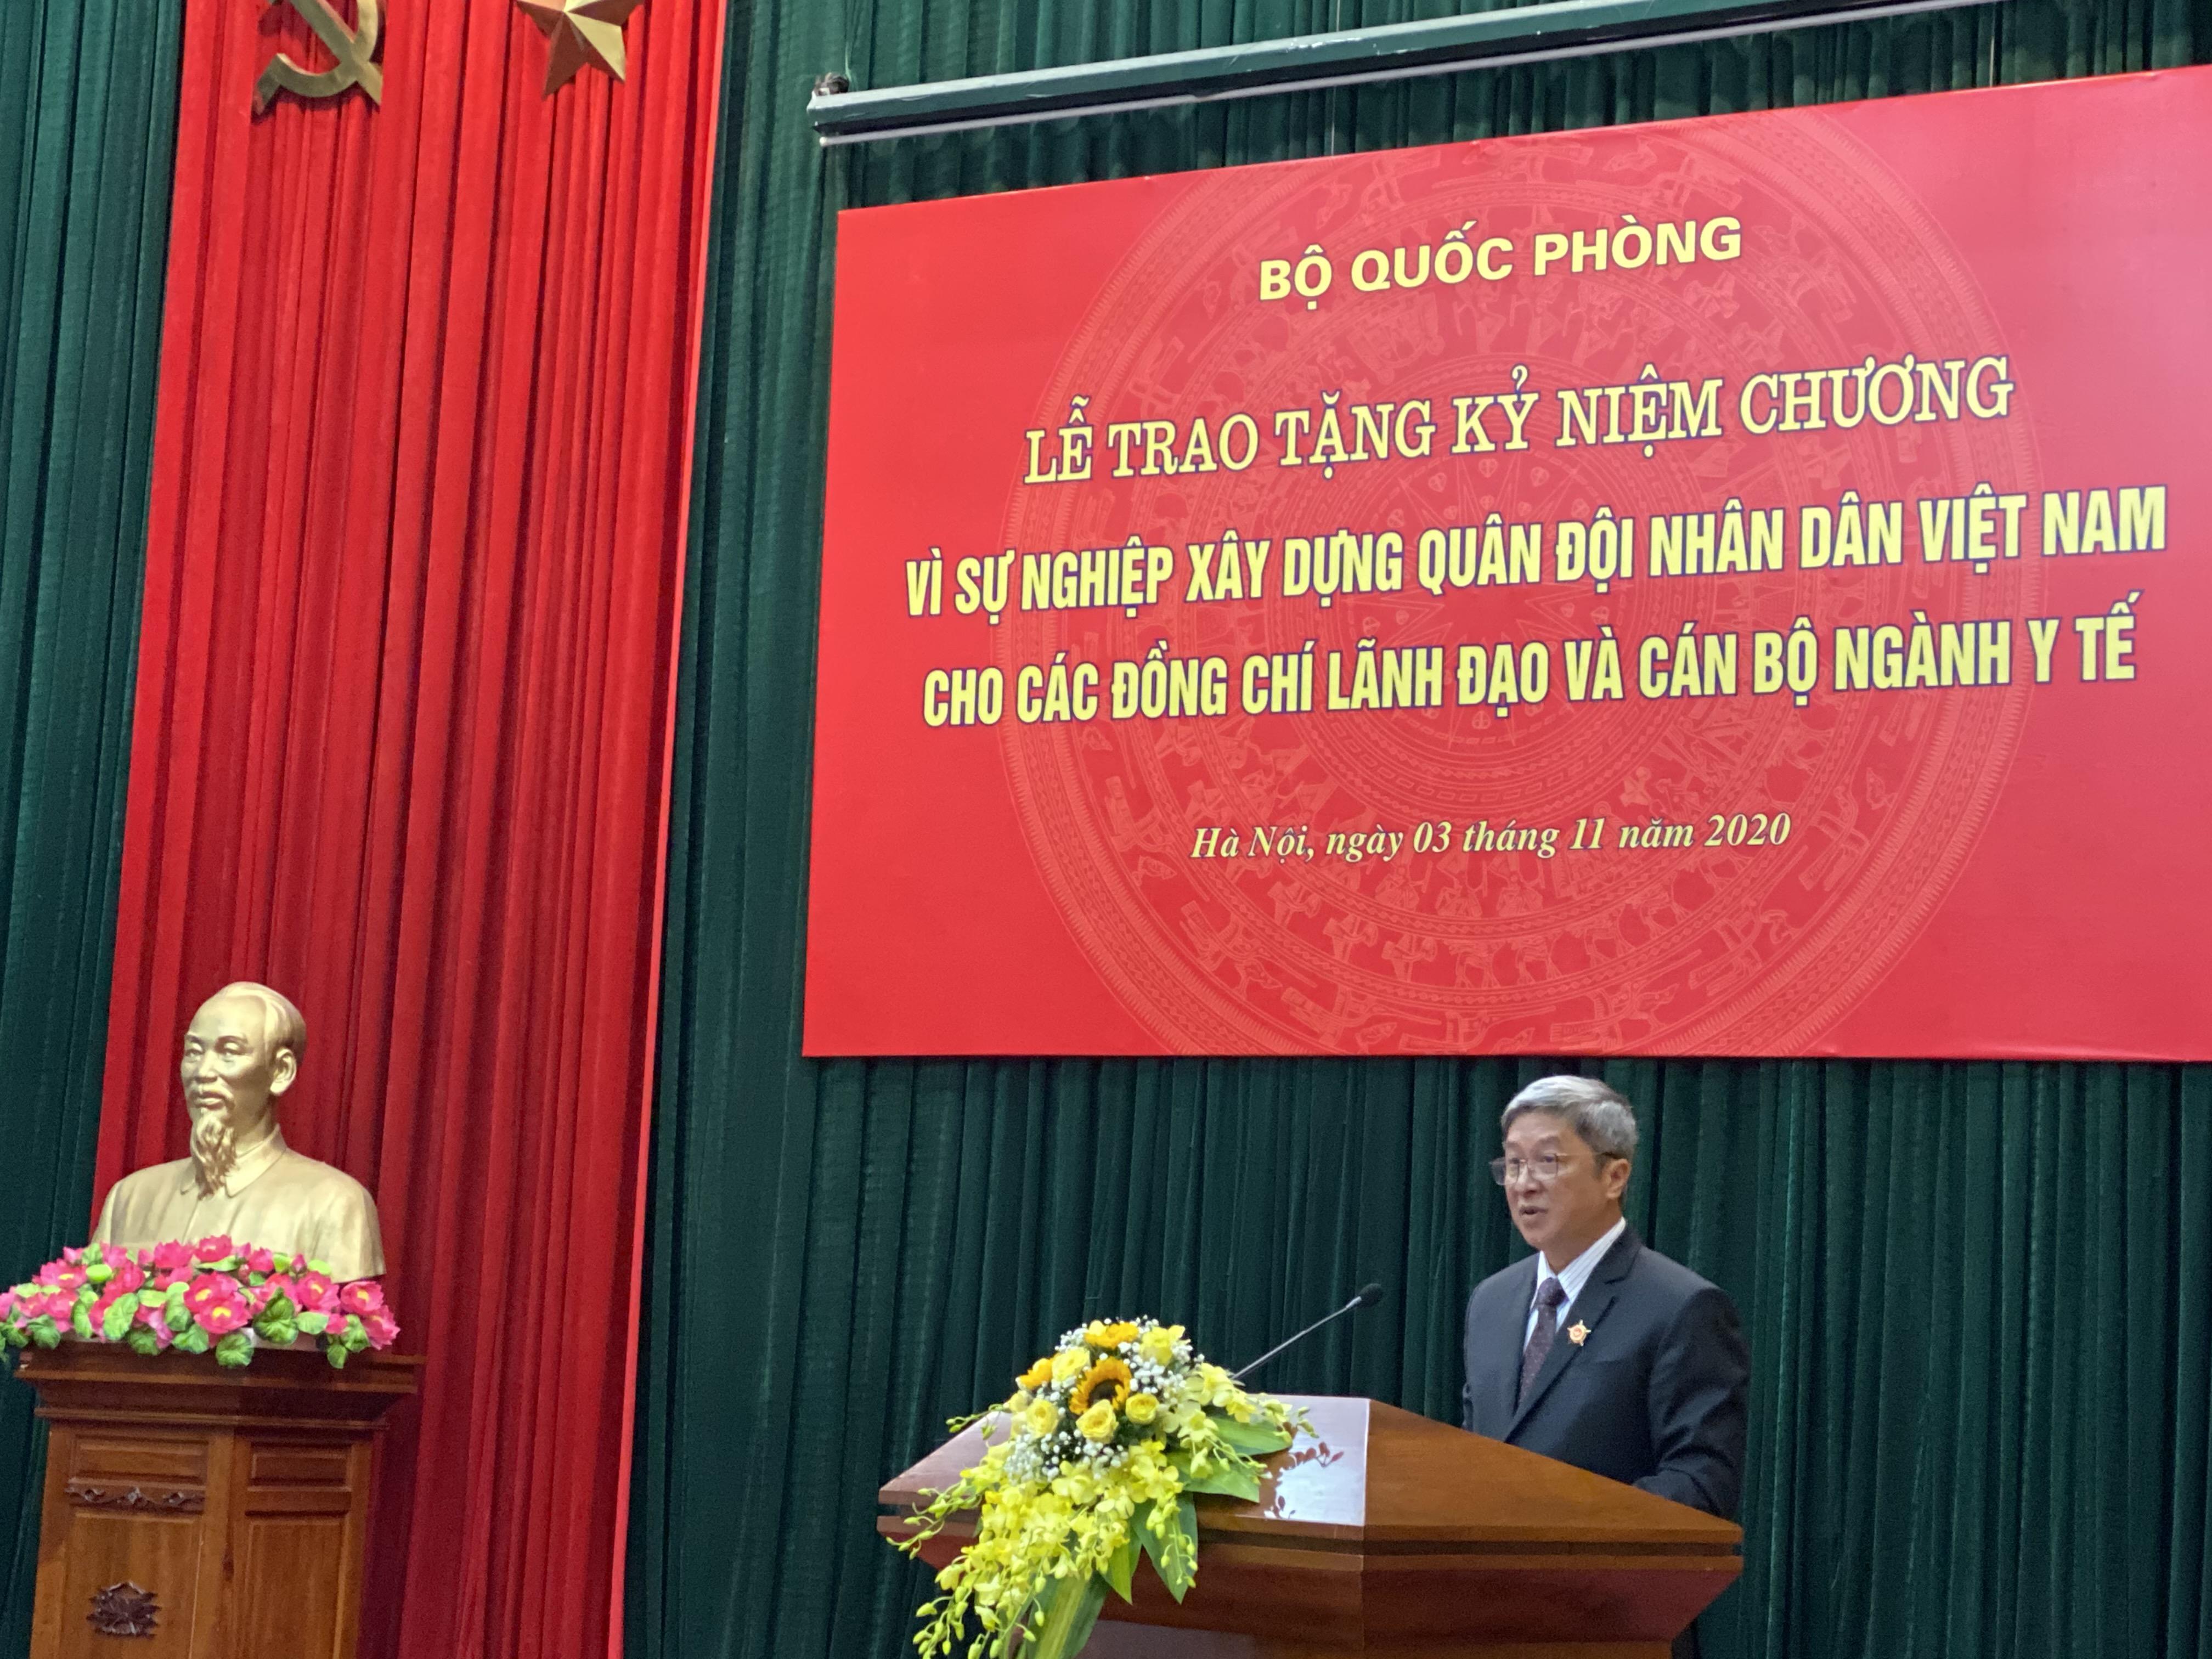 """Trao tặng Kỷ niệm chương """"Vì sự nghiệp xây dựng Quân đội nhân dân Việt Nam"""" - Ảnh 2"""